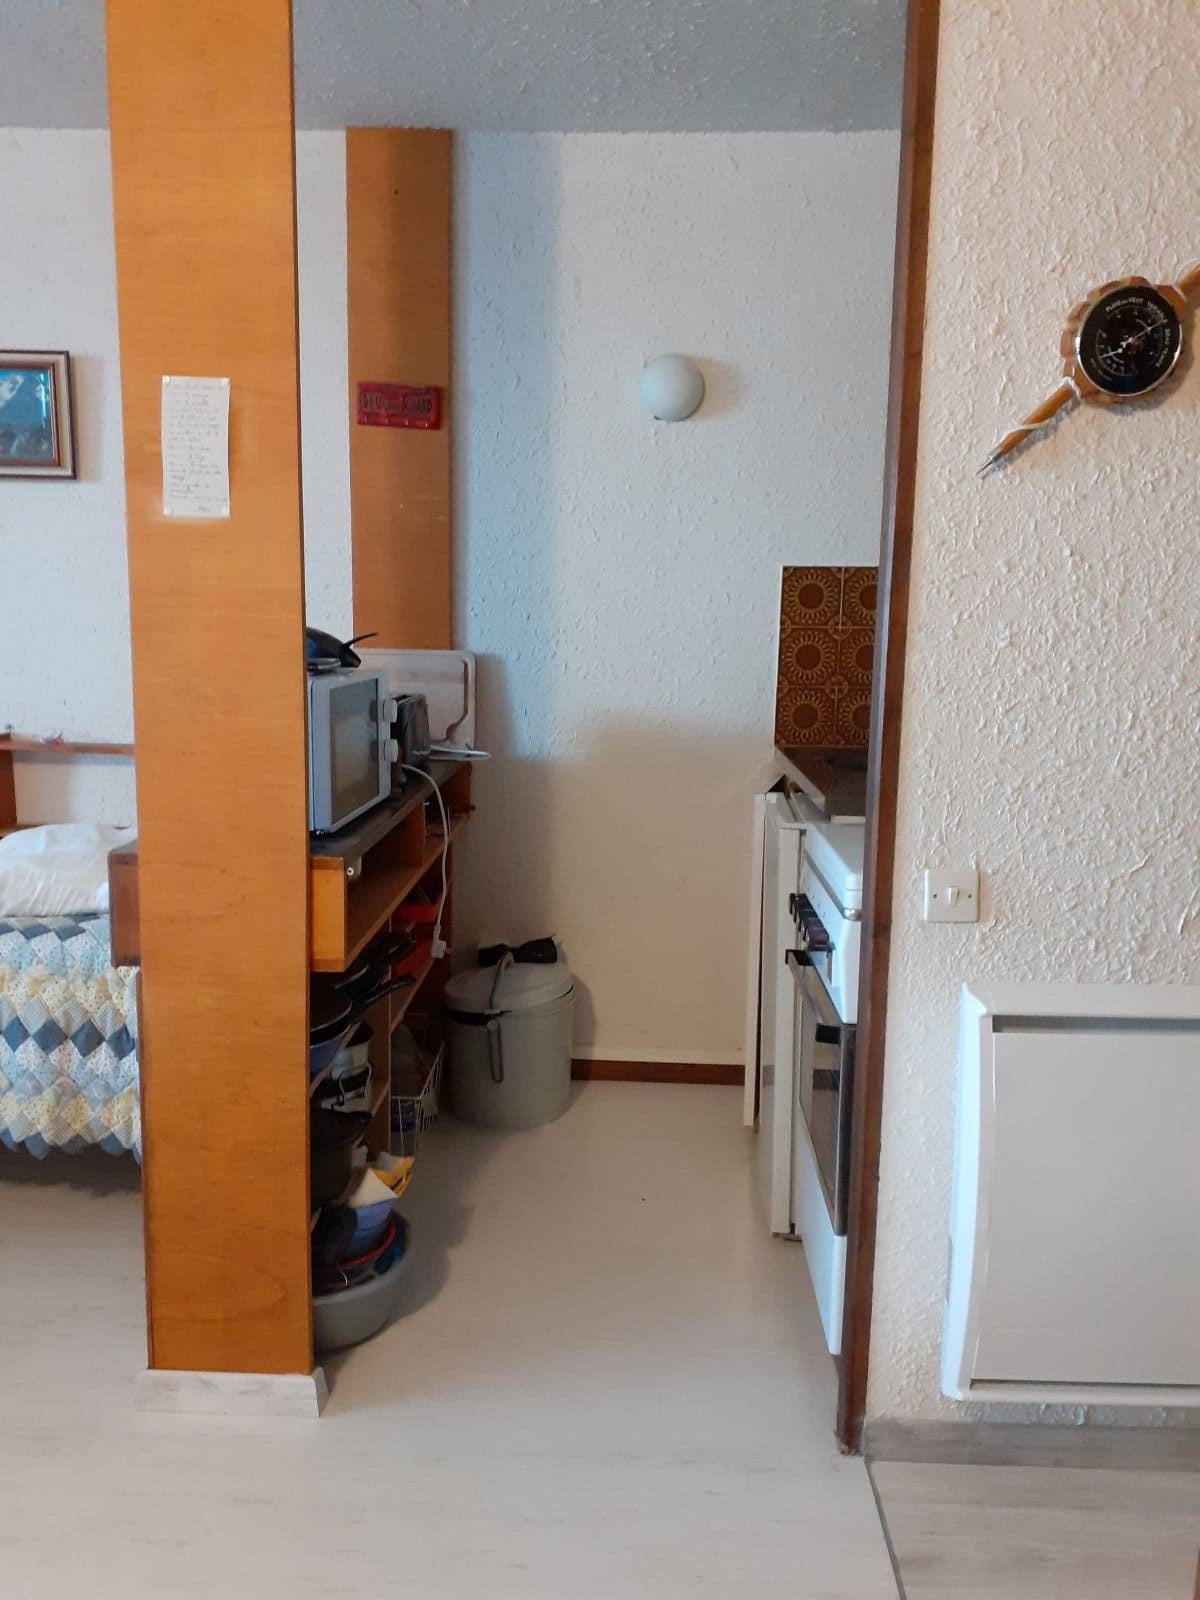 20201214 160953 - ANCELLE STUDIO DE 27 m² ( 5 COUCHAGES) AVEC BALCON